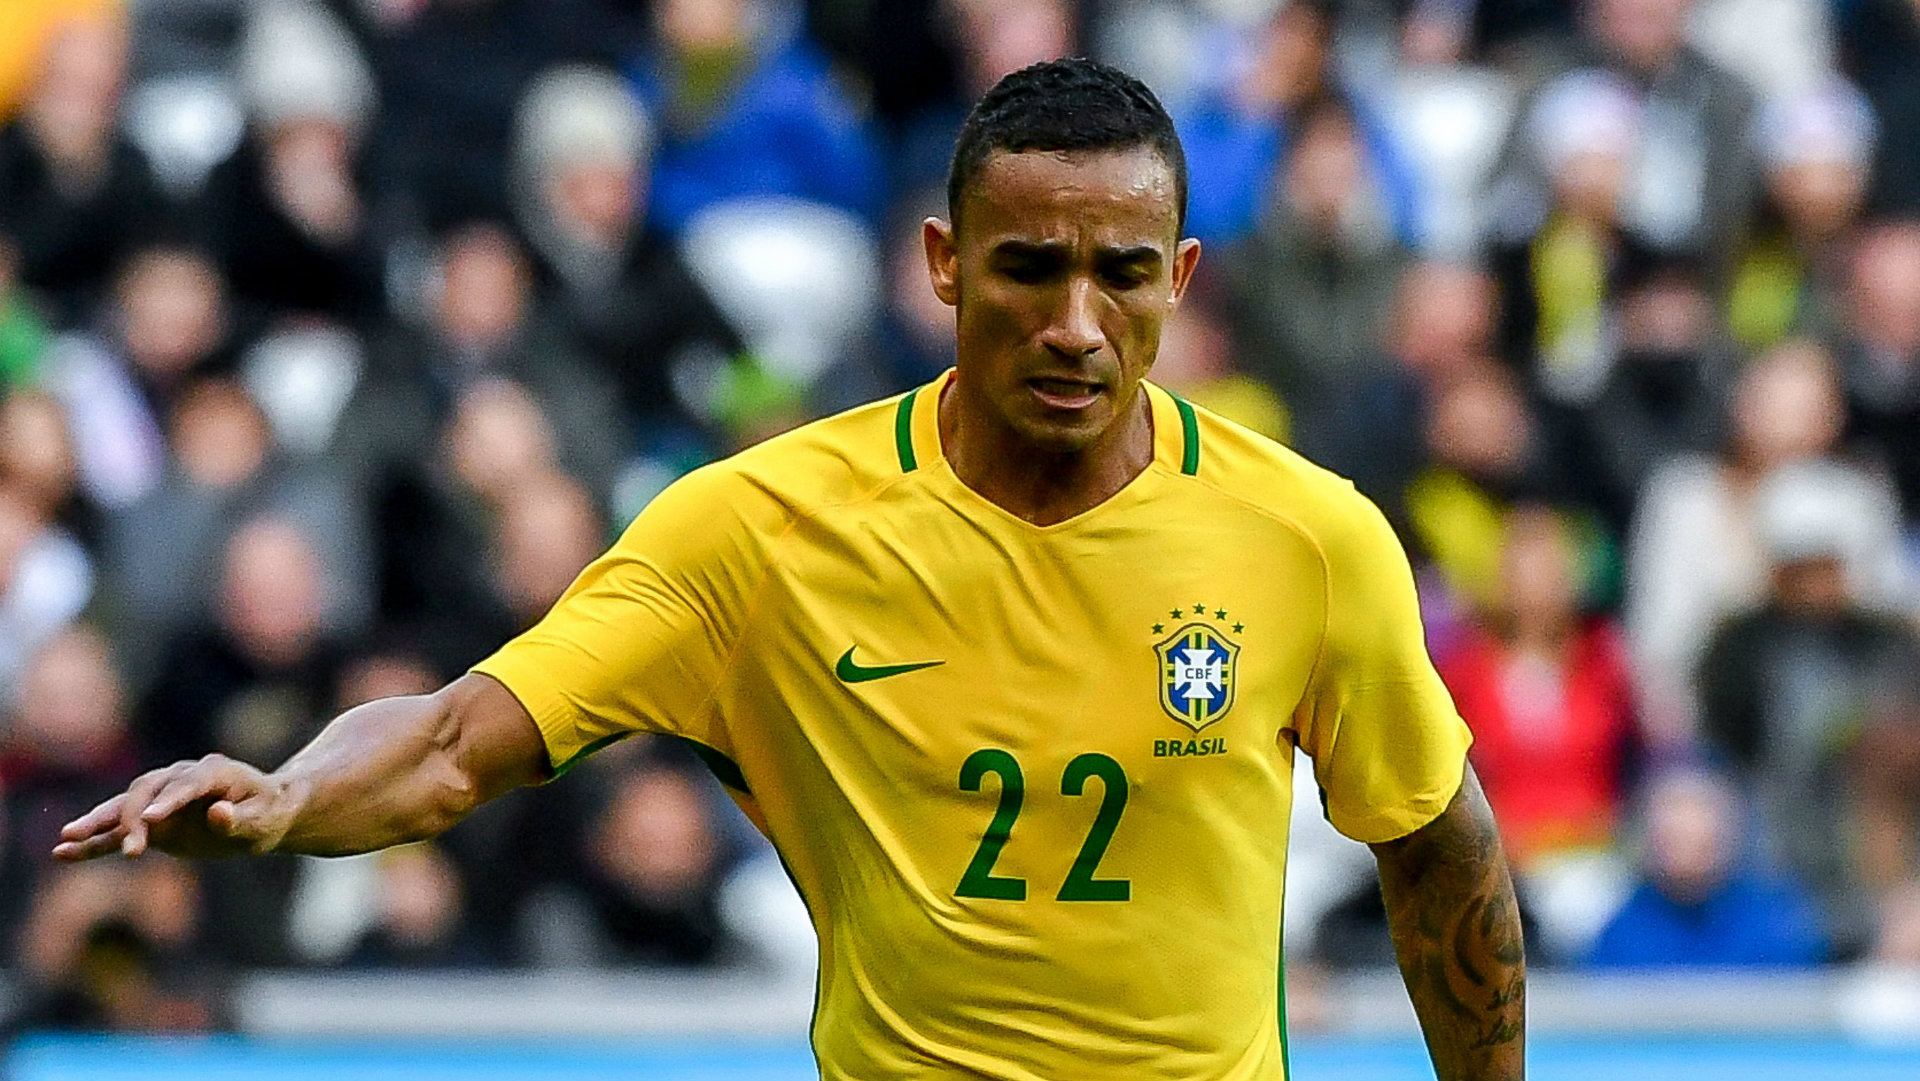 Danilo Brazil 2017-18